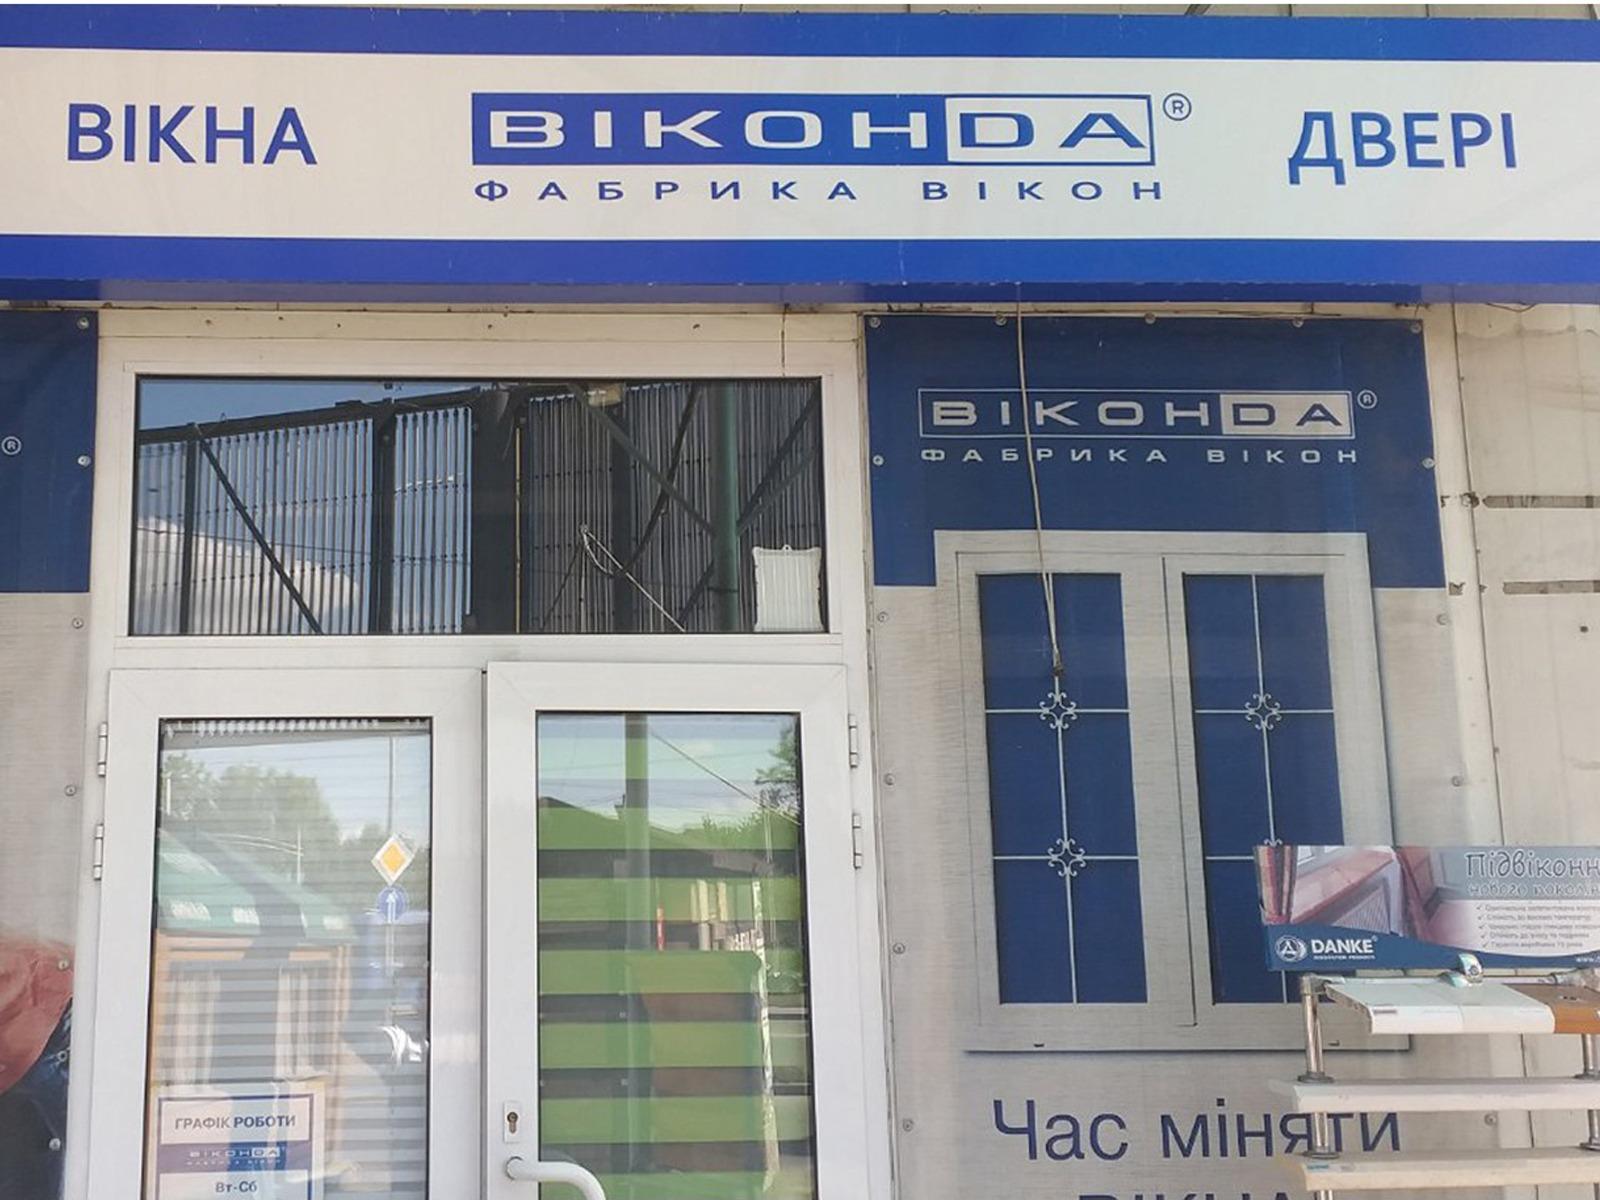 салон Віконда у Львові